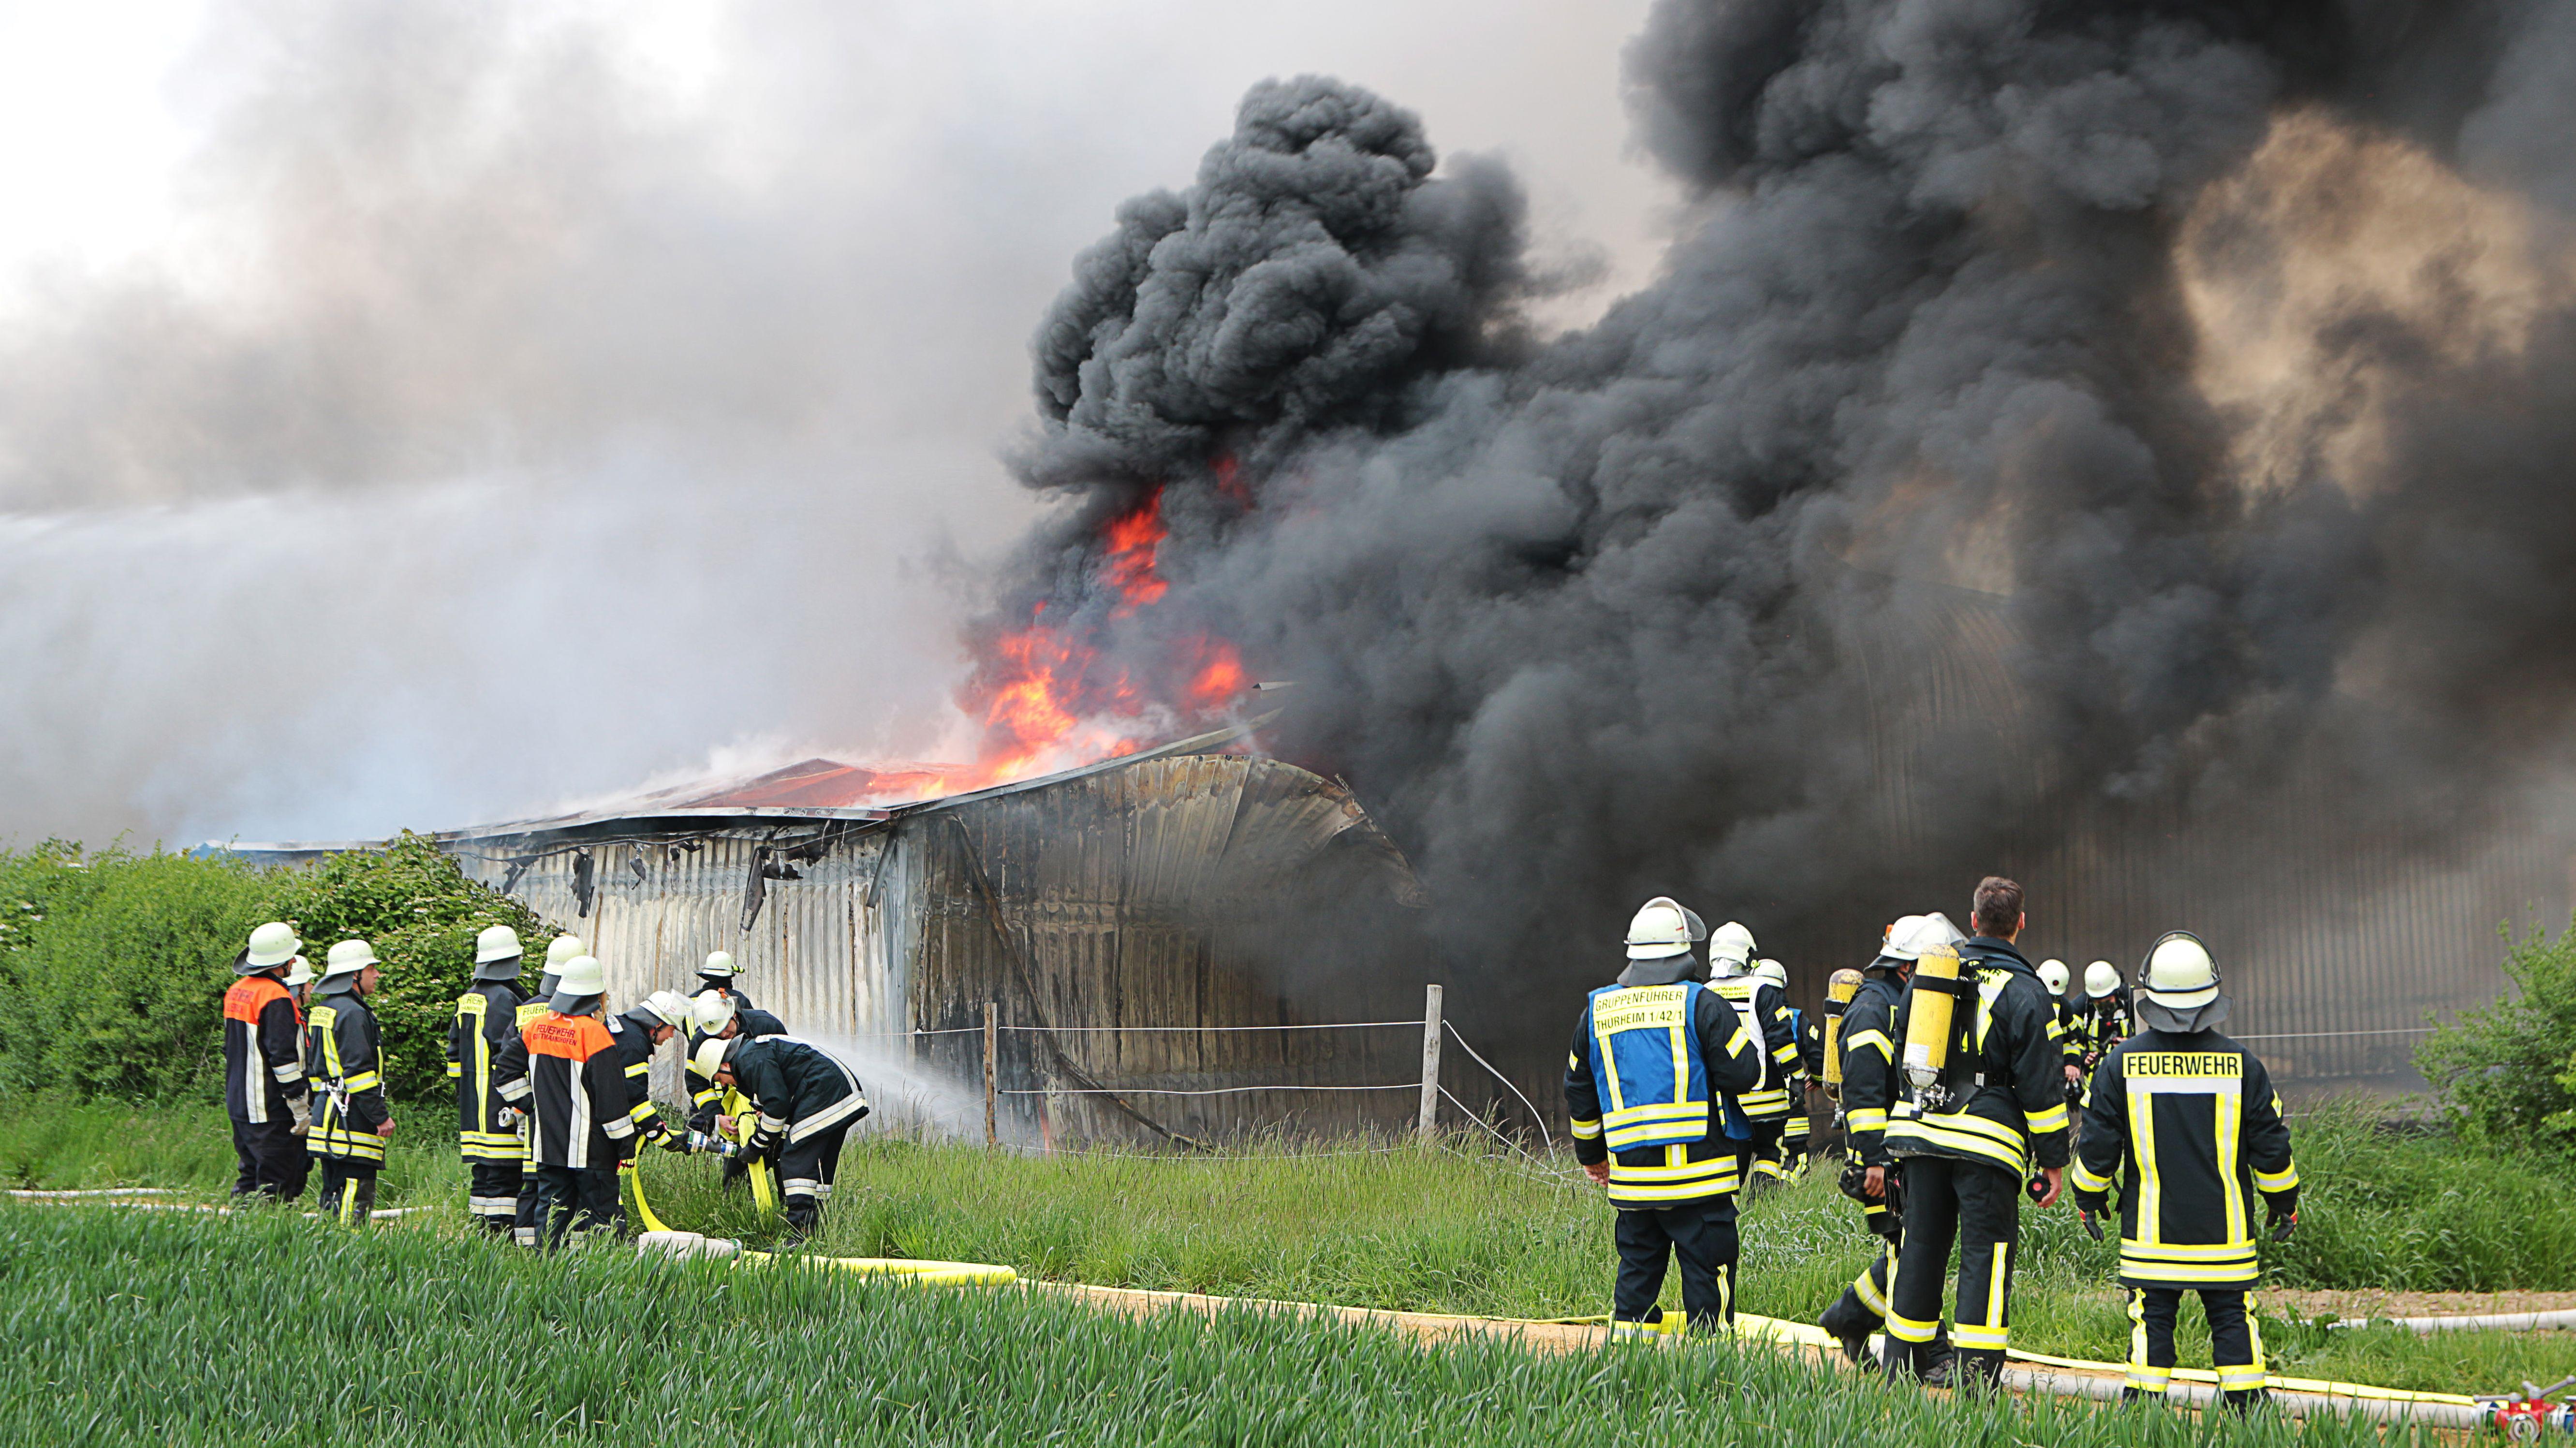 Die Feuerwehr musste in Wertingen den Brand in einer Lagerhalle löschen. Wegen des Rauchs müssen Anwohner Fenster geschlossen halten.